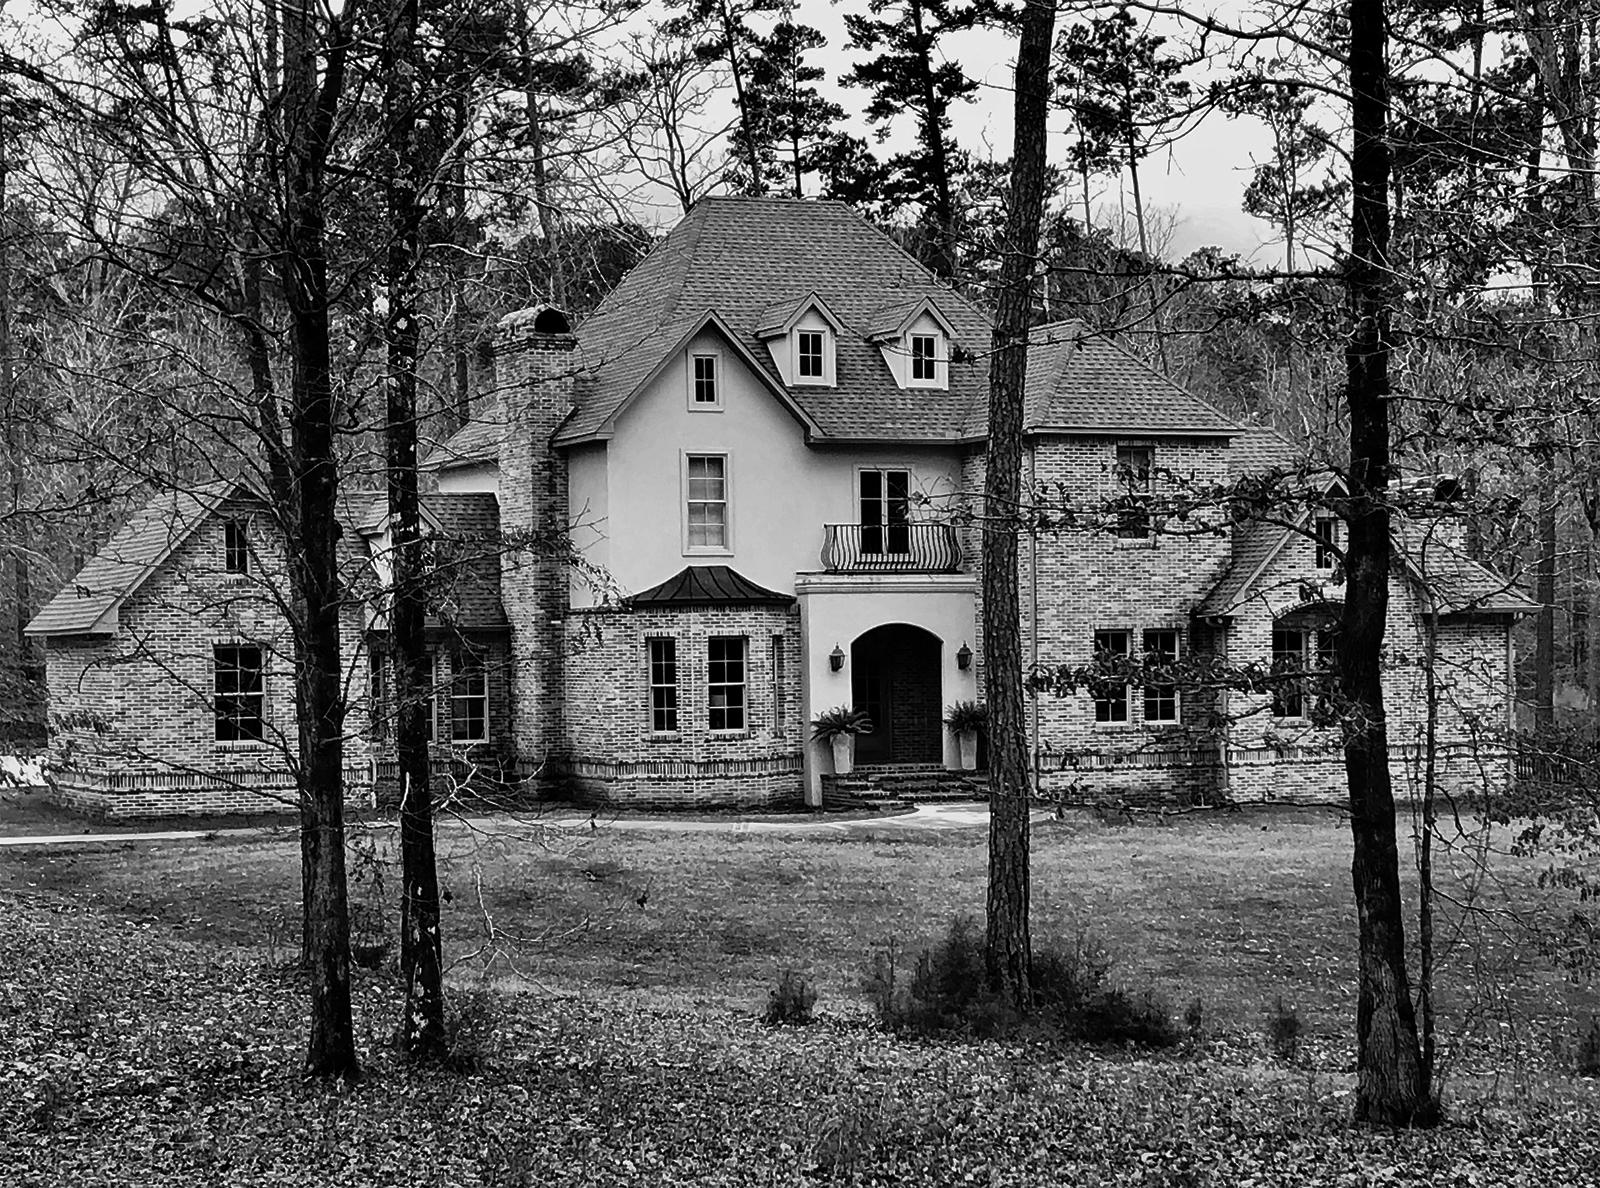 HOUSE_1.jpg